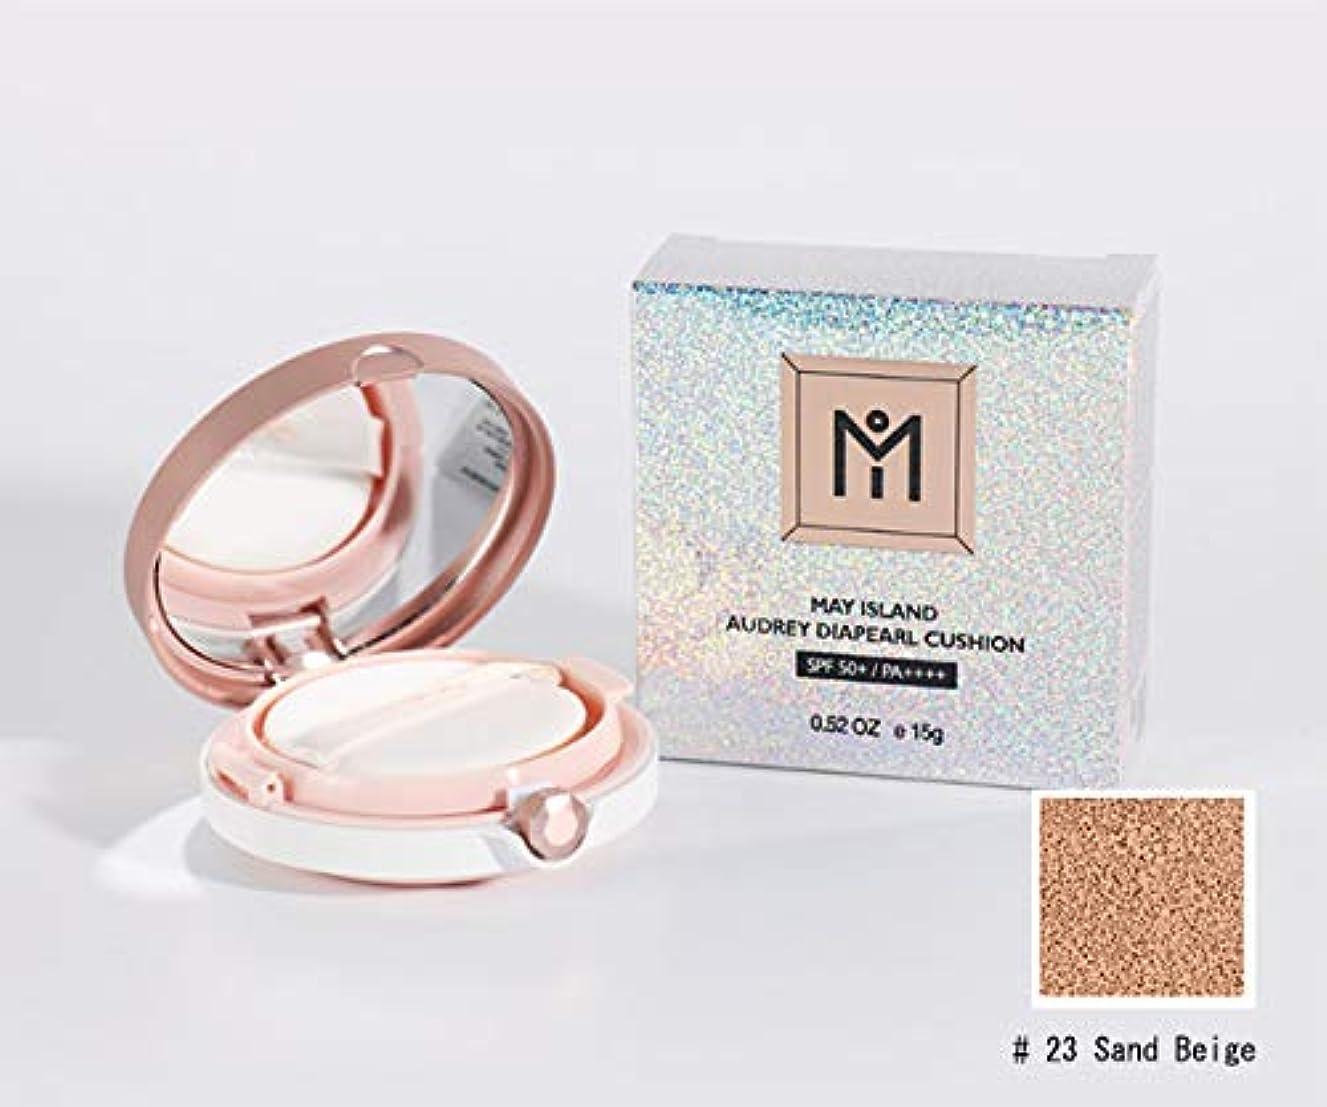 名誉中央値私の[MAY ISLAND] AUDREY DIAPEARL CUSHION[#23.Sand Beige] ダイヤモンドパールクッション SPF50+/ PA++++[美白、シワの改善、紫外線遮断3の機能性化粧品]韓国の人気...